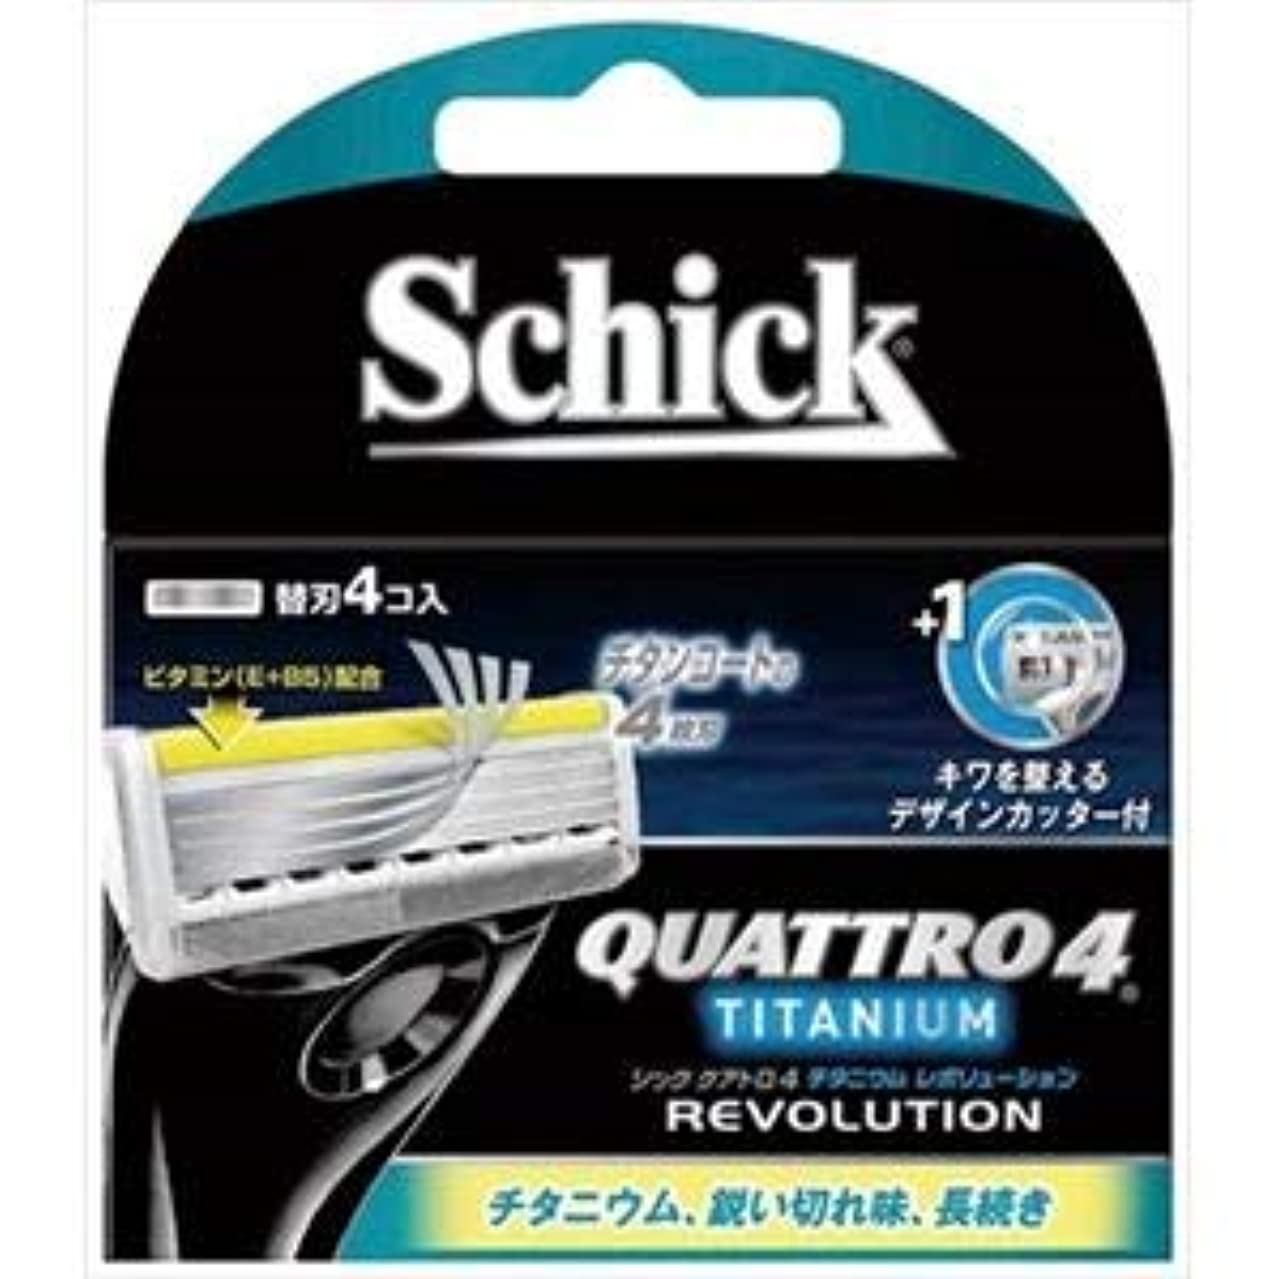 持っている戸棚蜂(まとめ)シック(Schick) クアトロ4チタニウムレボリューション替刃(4コ入) 【×3点セット】